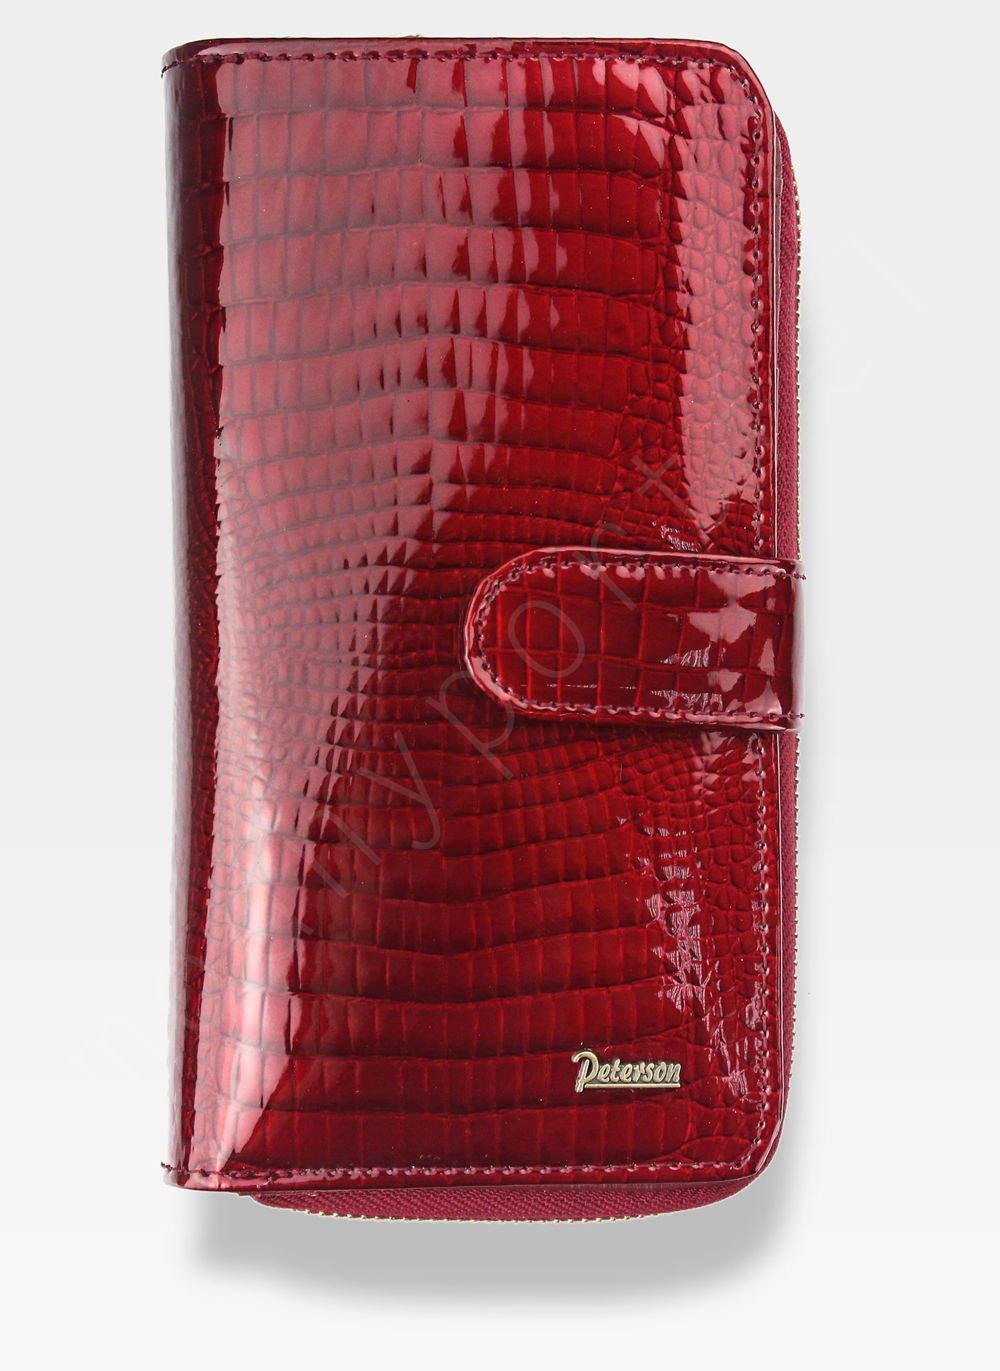 37b380c0d39a7 Portfel Damski Skórzany PETERSON Lakierowany 603 Czerwony AE 603 Red ...